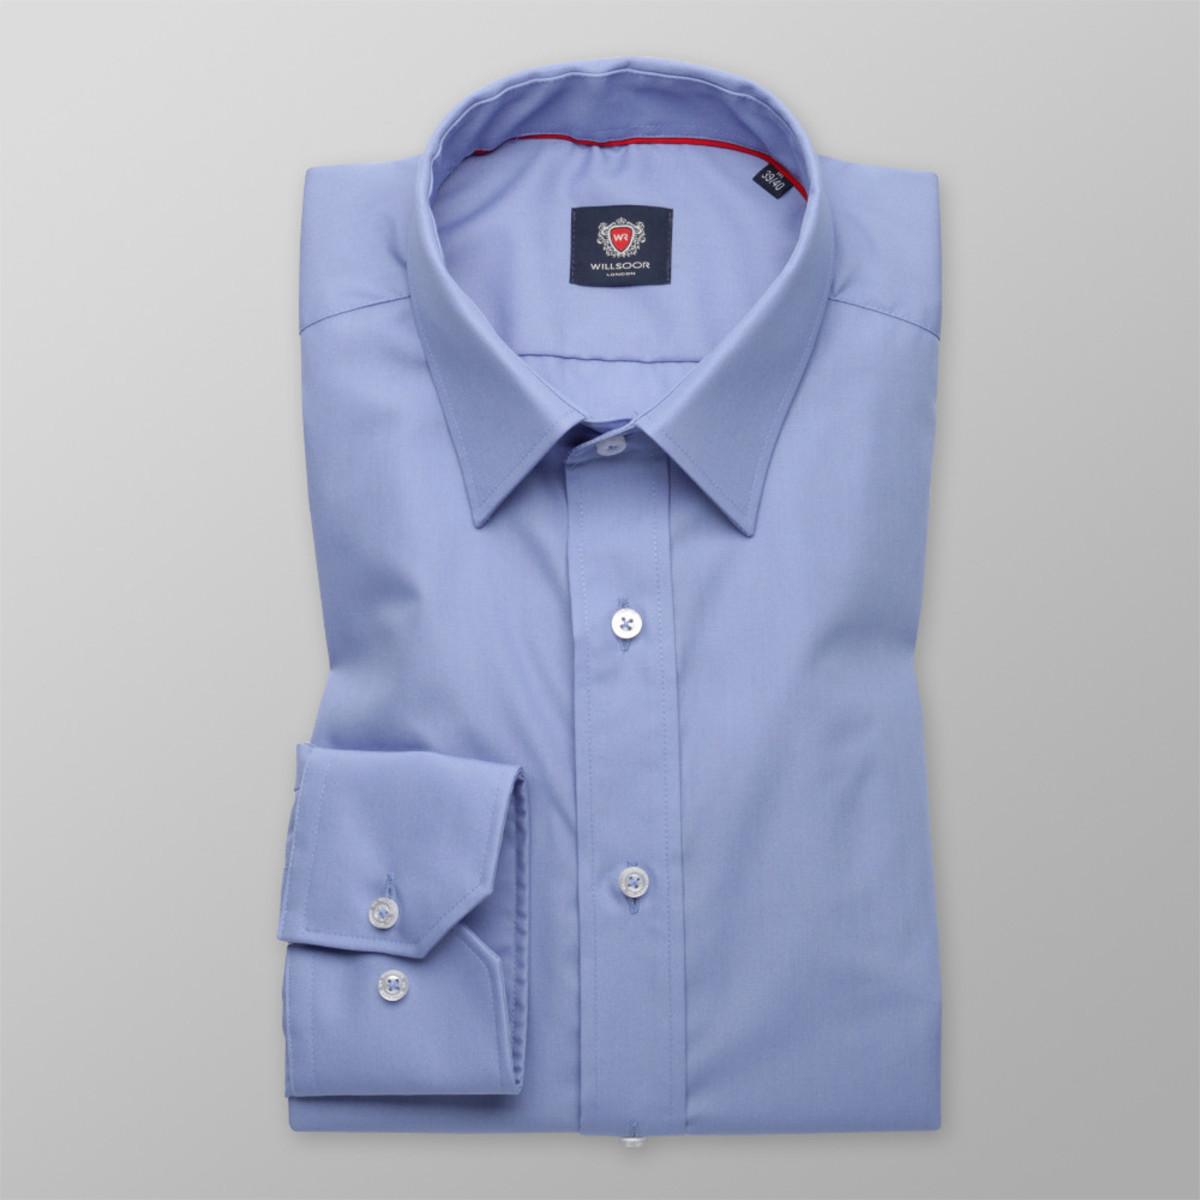 Pánská slim fit košile London (výška 176-182) 8751 v modré barvě s úpravou 2W Plus 176-182 / M (39/40)